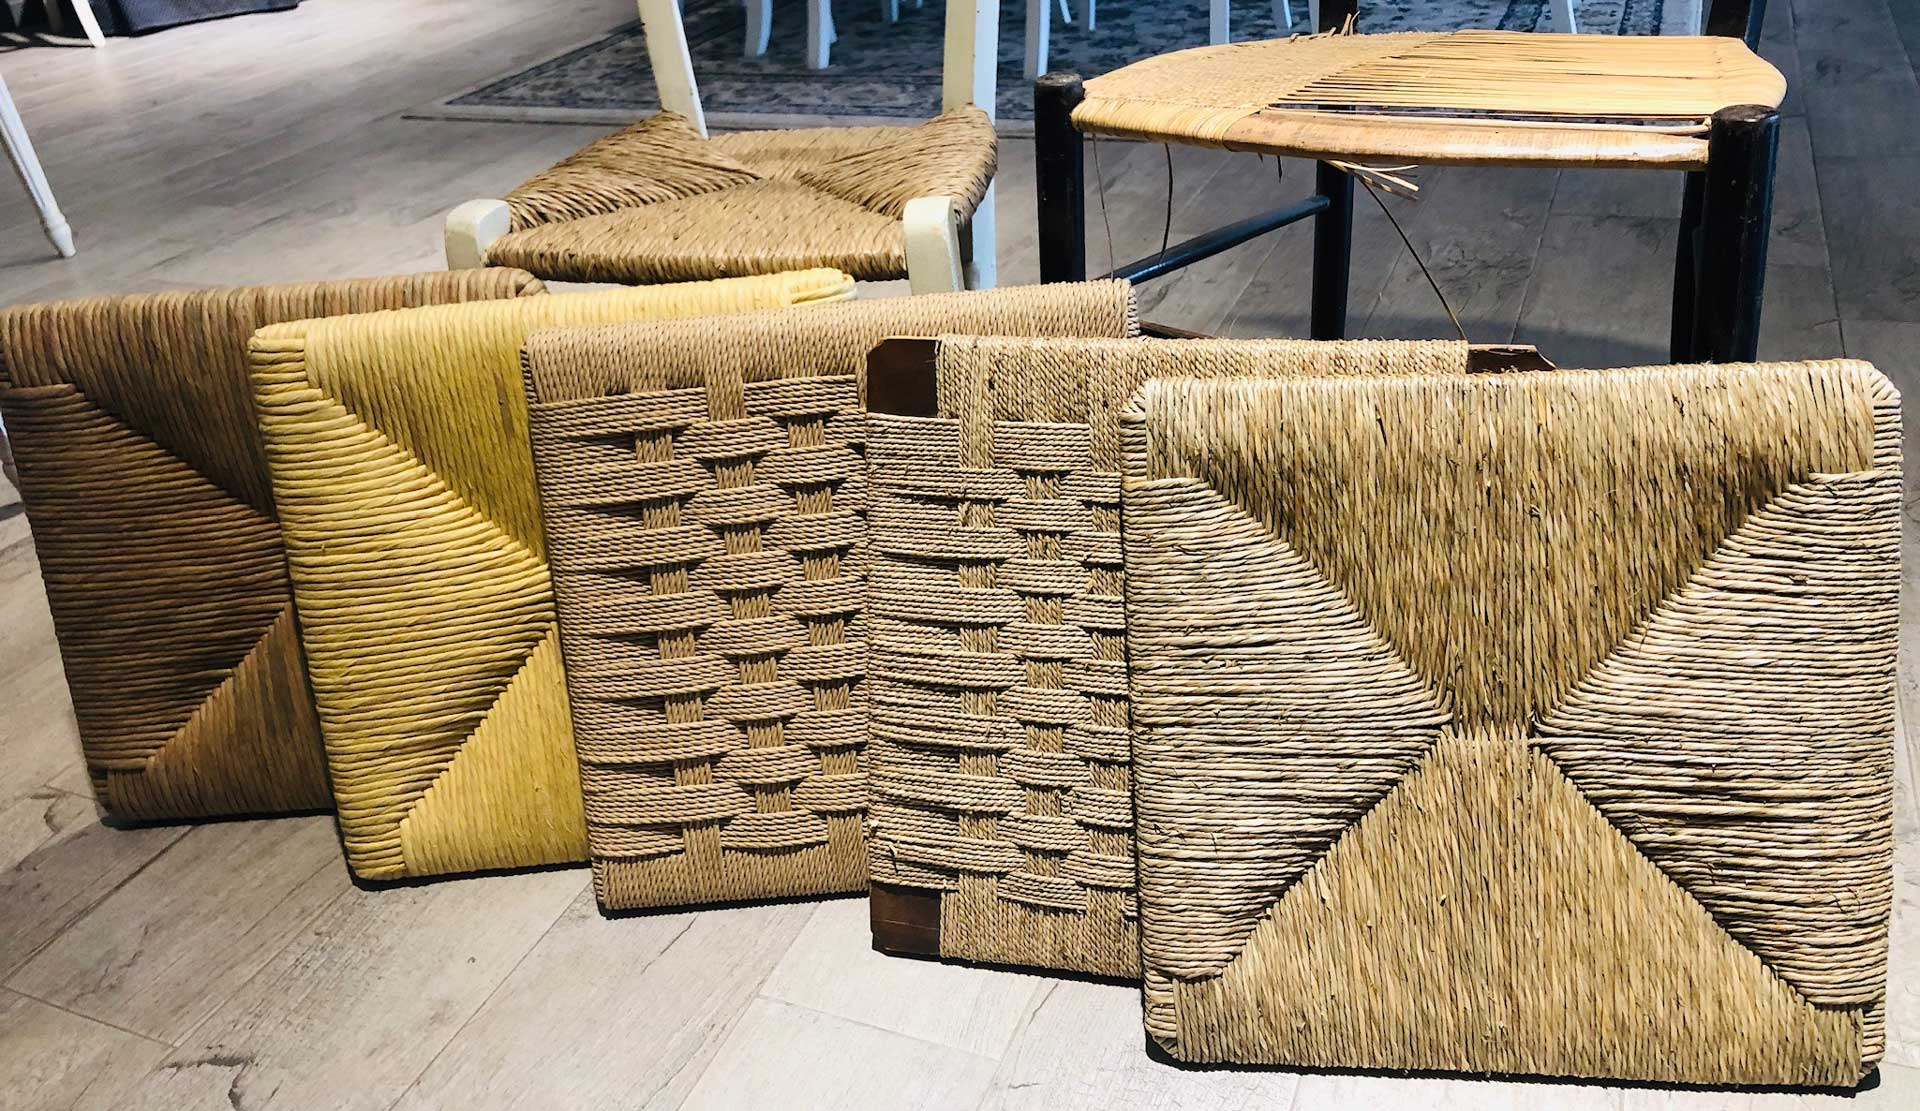 Artigiano Della Sedia Bologna impagliatura sedie a bologna - gli artigiani della sedia